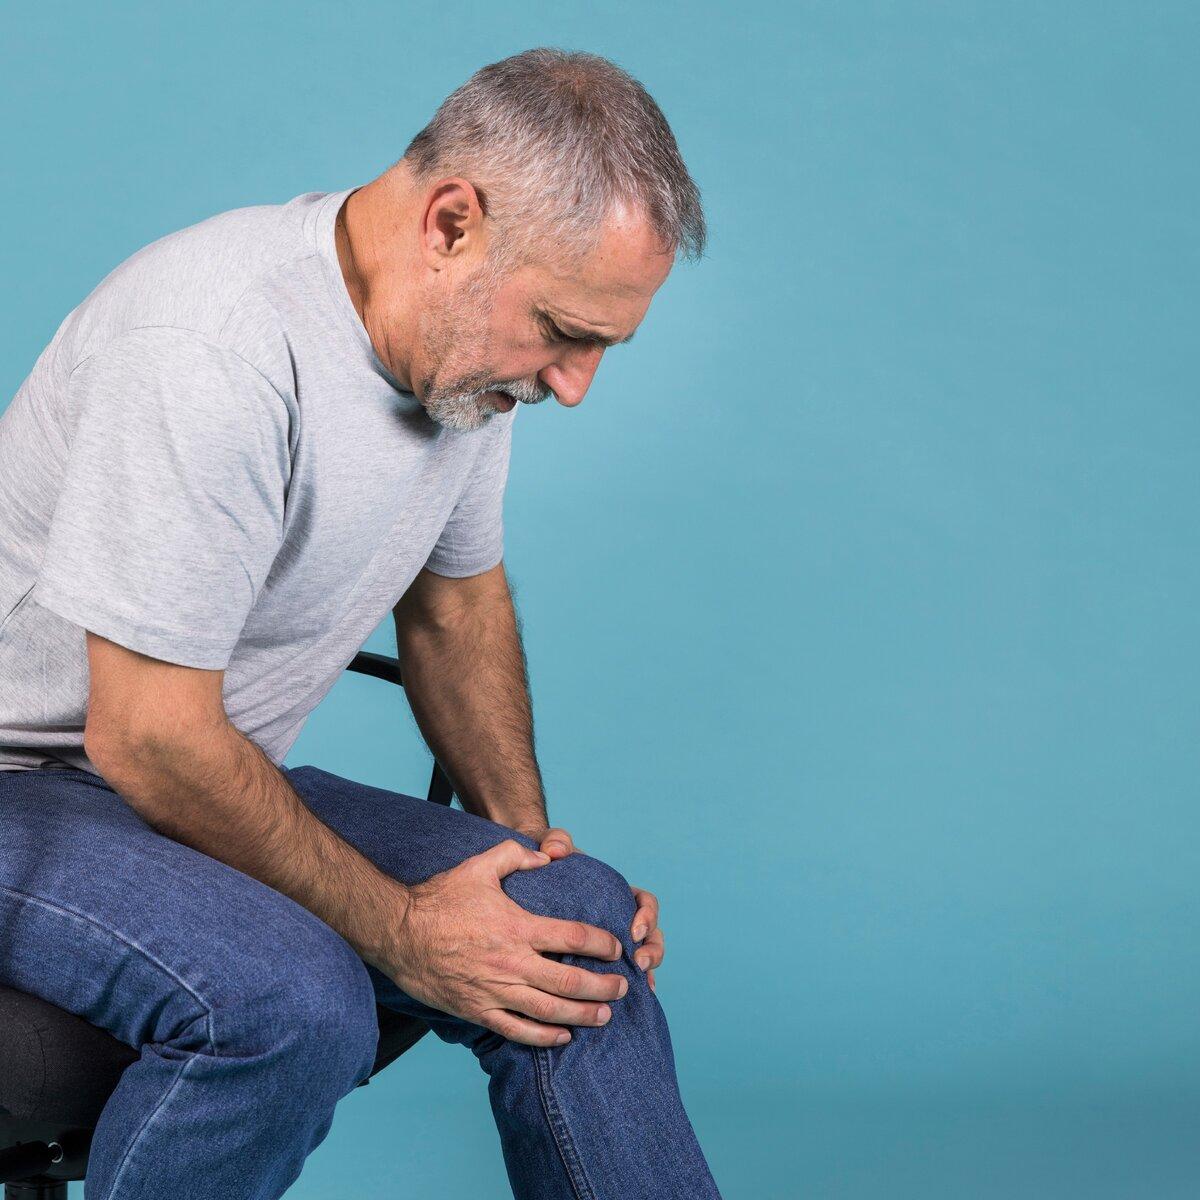 Что делать, если при климаксе болят суставы